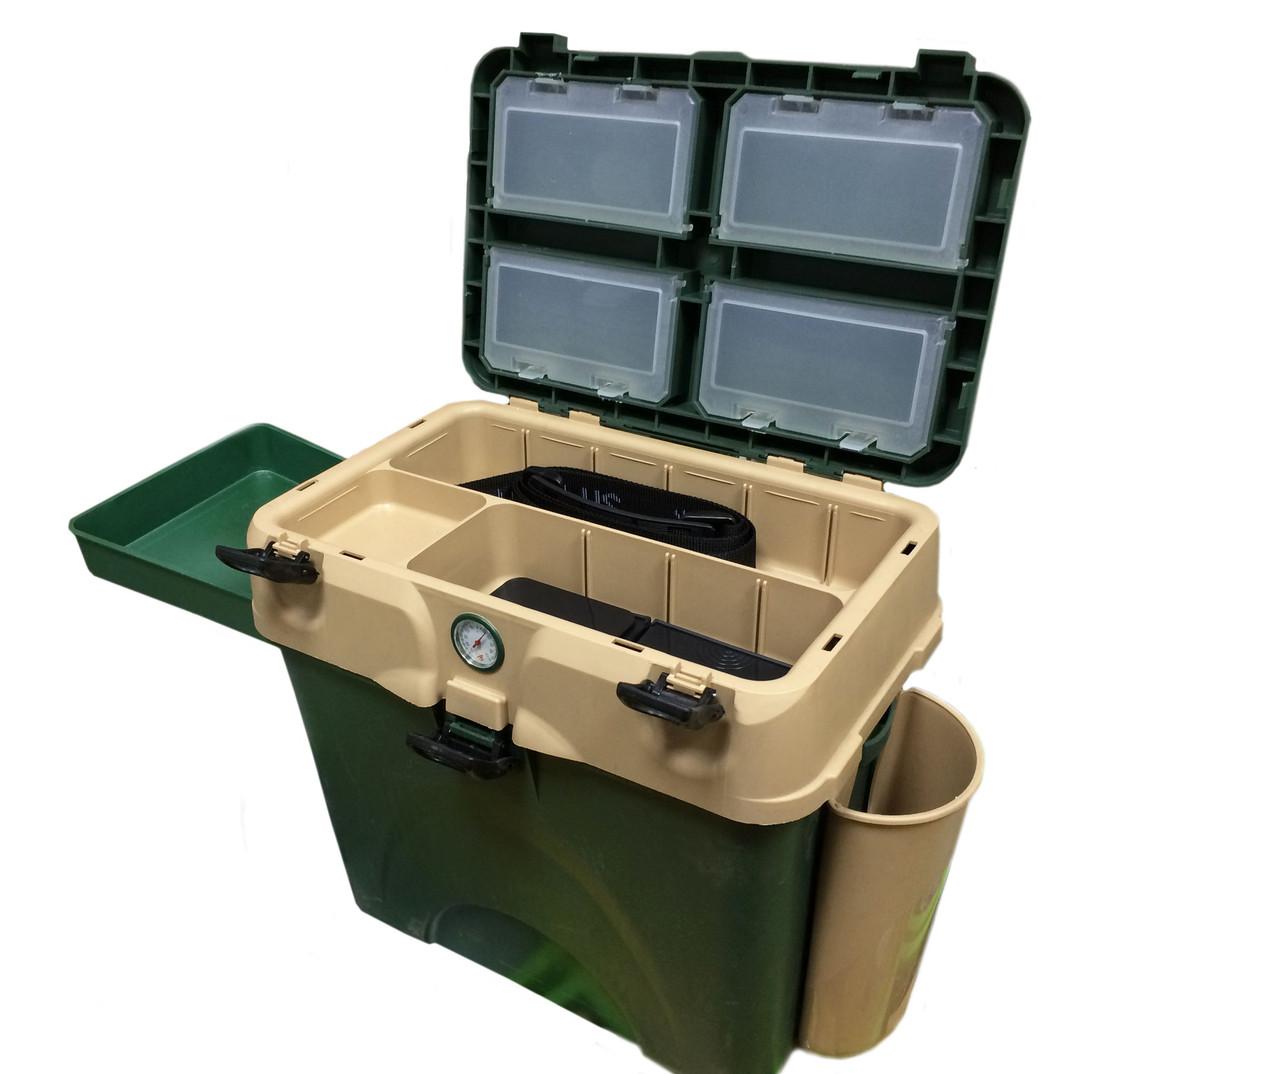 Ящик для зимней рыбалки с термометром, очень теплый верх, большая вместительность - Интернет-магазин Наш Кинжал  в Киеве